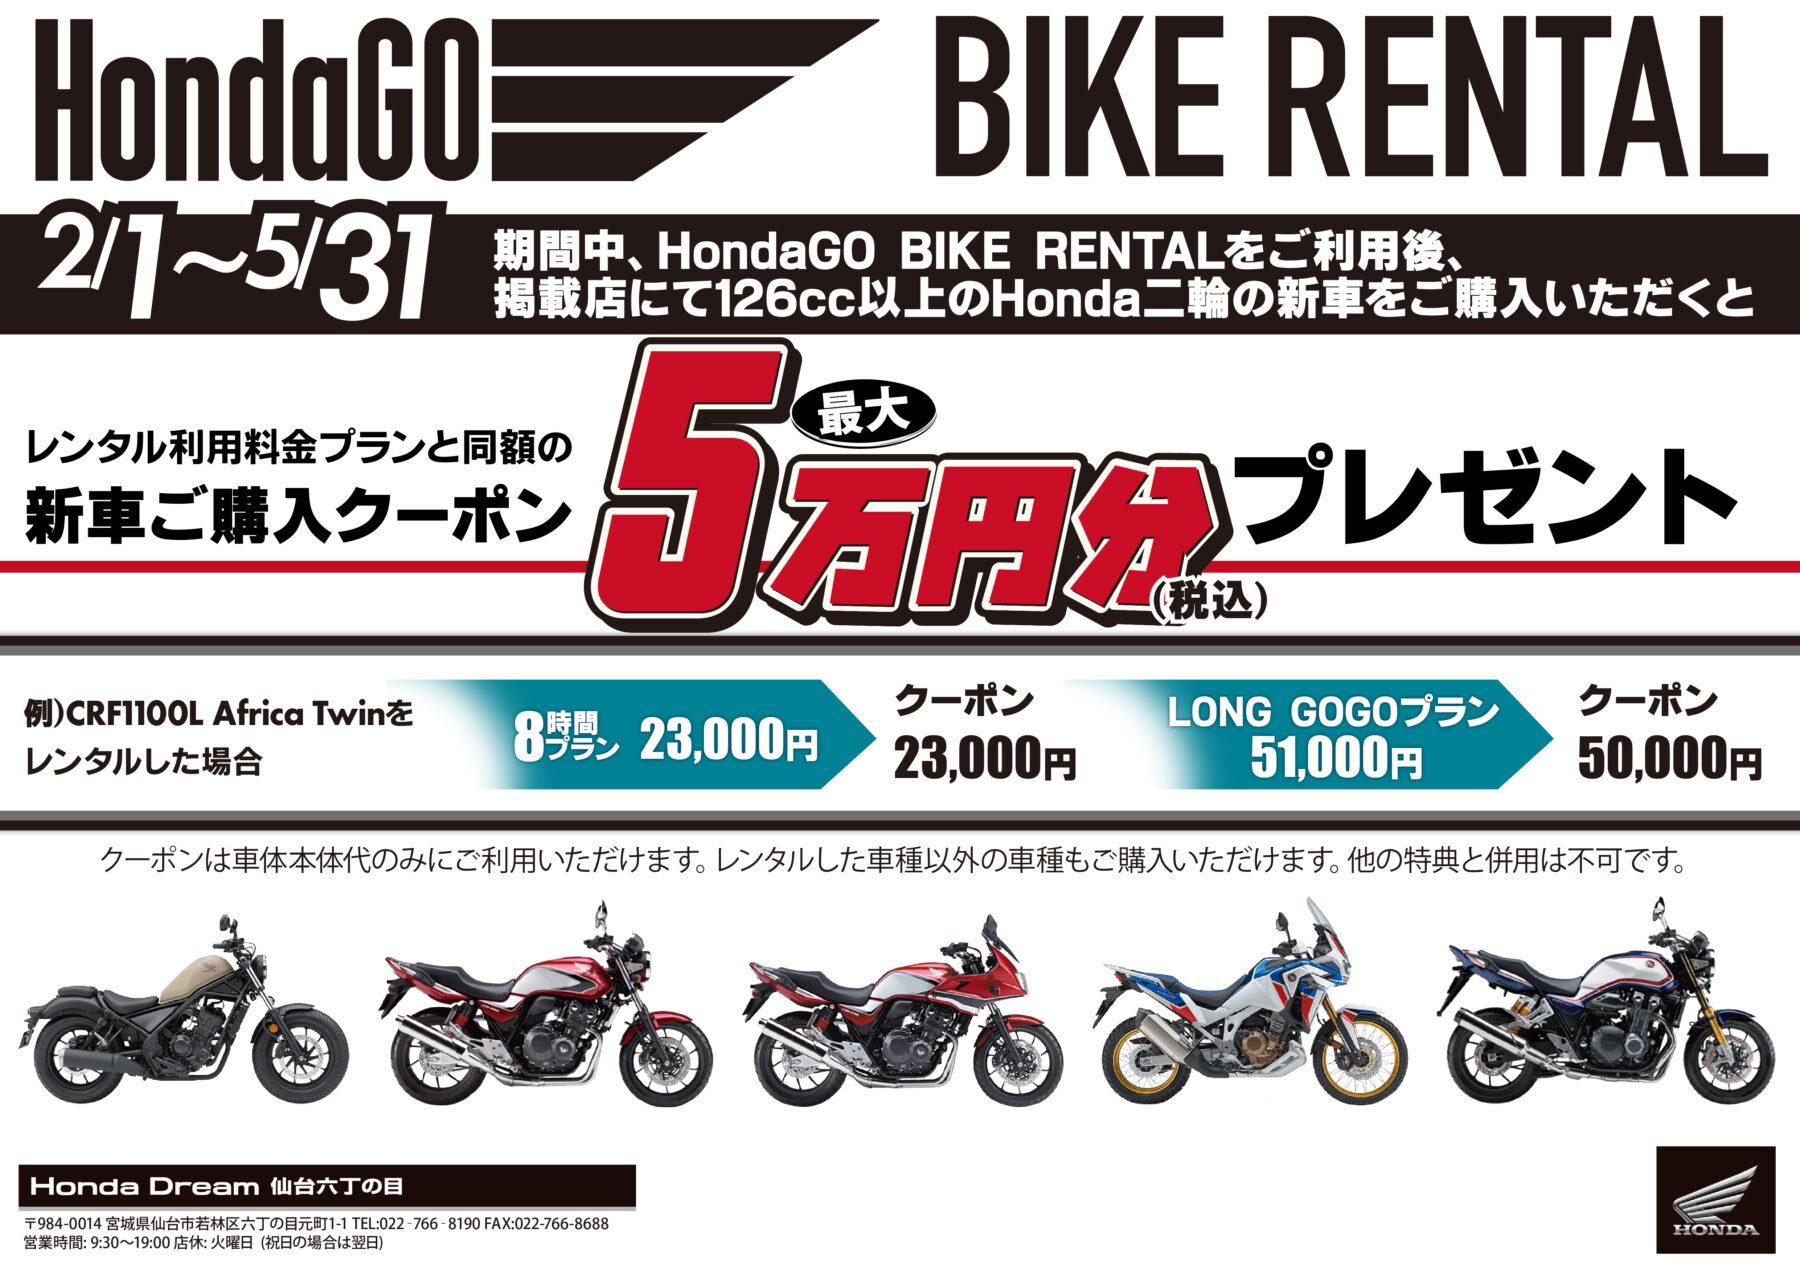 ホンダ バイク ゴー レンタル